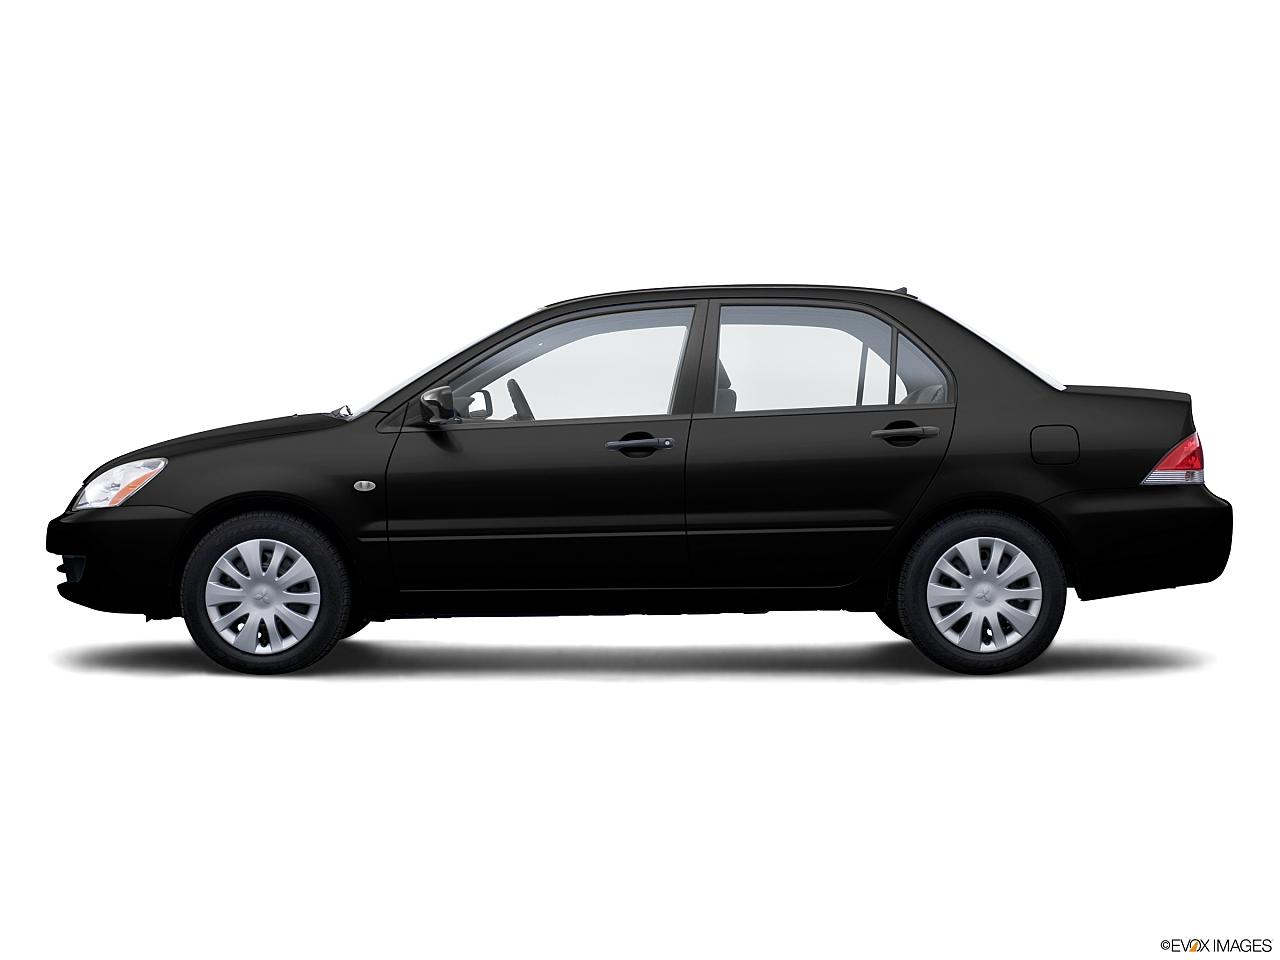 2006 mitsubishi lancer es 4dr sedan w manual research groovecar rh groovecar com 2006 Mitsubishi Lancer SE 2006 Mitsubishi Lancer Review